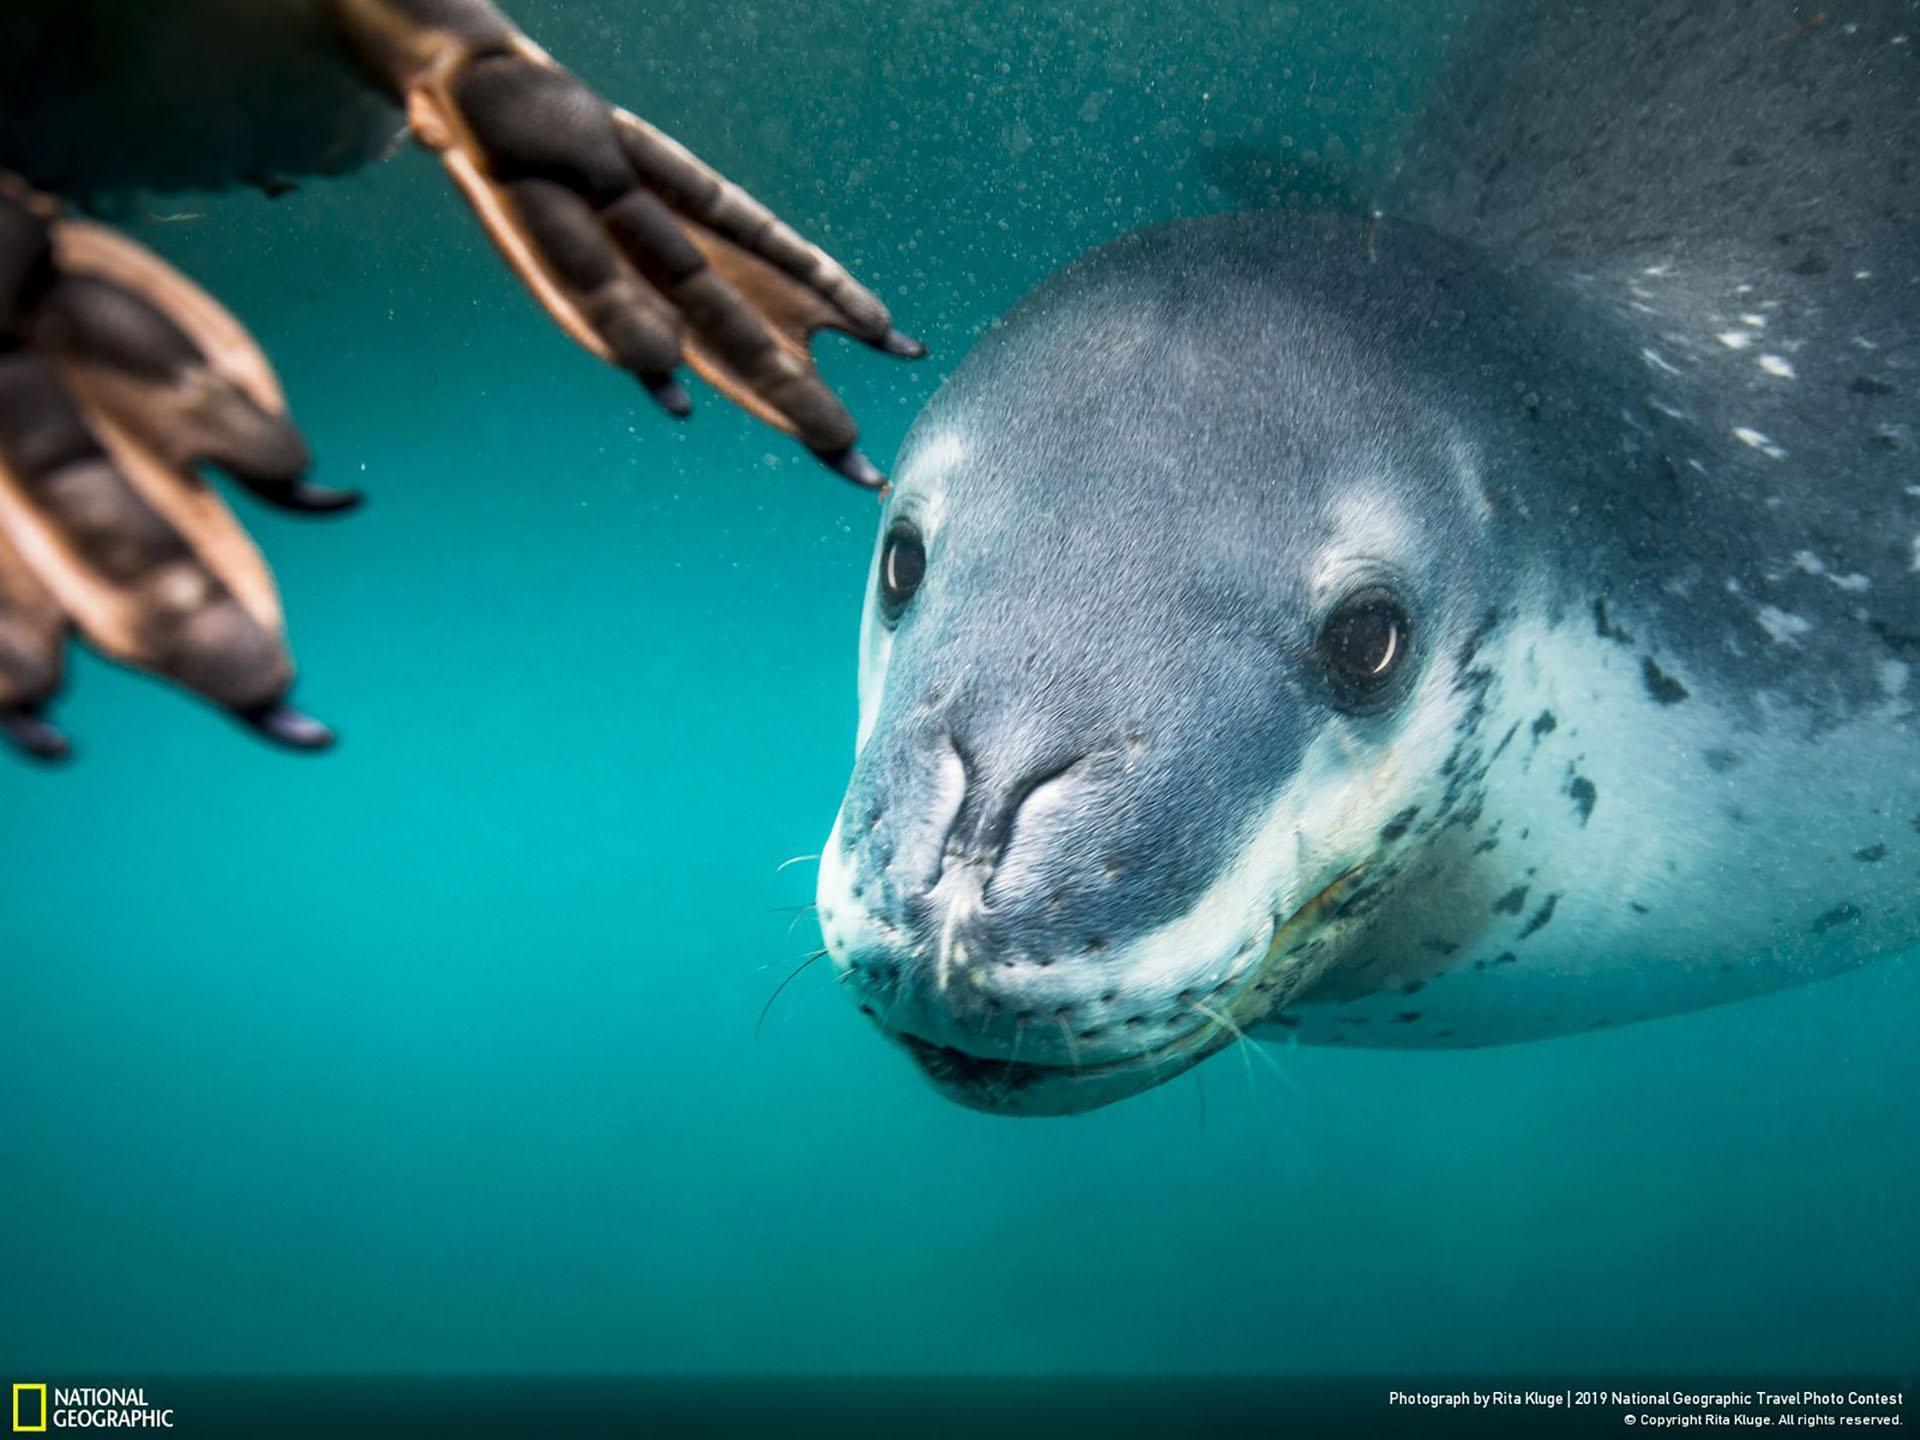 """""""¿Qué pasará después?"""", por Rita Kluge: """"En mi último día en la Antártida, estaba publicando mi última actualización de video, escuché lo que estaba esperando y documenté lo que estaba por venir. Una foca leopardo se alimentaba de un pingüino…. Yo llevaba un traje de buceo a pulmón de 7 mm para ser más flexible y poder cambiar de posición rápidamente. Un encuentro normal sería de unos 20 minutos y no tendría mucho frío después, pero este día fue diferente, ya que nadamos con tres focas leopardo diferentes-brrrr. Me sentí seguro al estar tan cerca de la acción con mi equipo. Simplemente increíble"""". (""""What will happen next?"""" / 2019 National Geographic Travel Photo Contest / Categoría: Naturaleza / Ubicación: Cerro Nevado, Antártida)"""